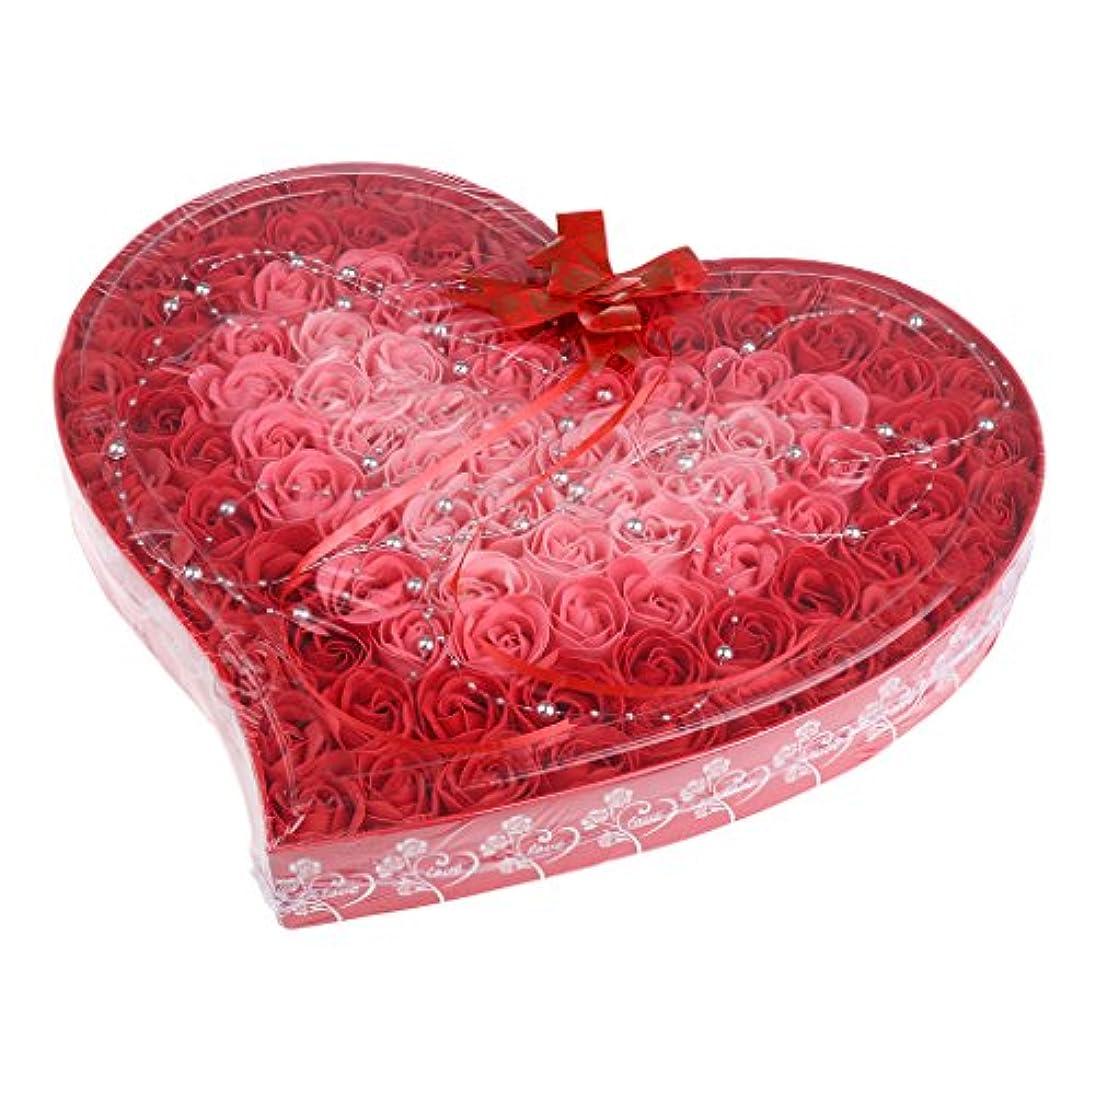 気性覗く絶滅Perfk ソープフラワー 石鹸花  造花 フラワー ギフトボックス  誕生日 母の日 記念日 先生の日 バレンタインデー プレゼント 全4色選べる - 赤